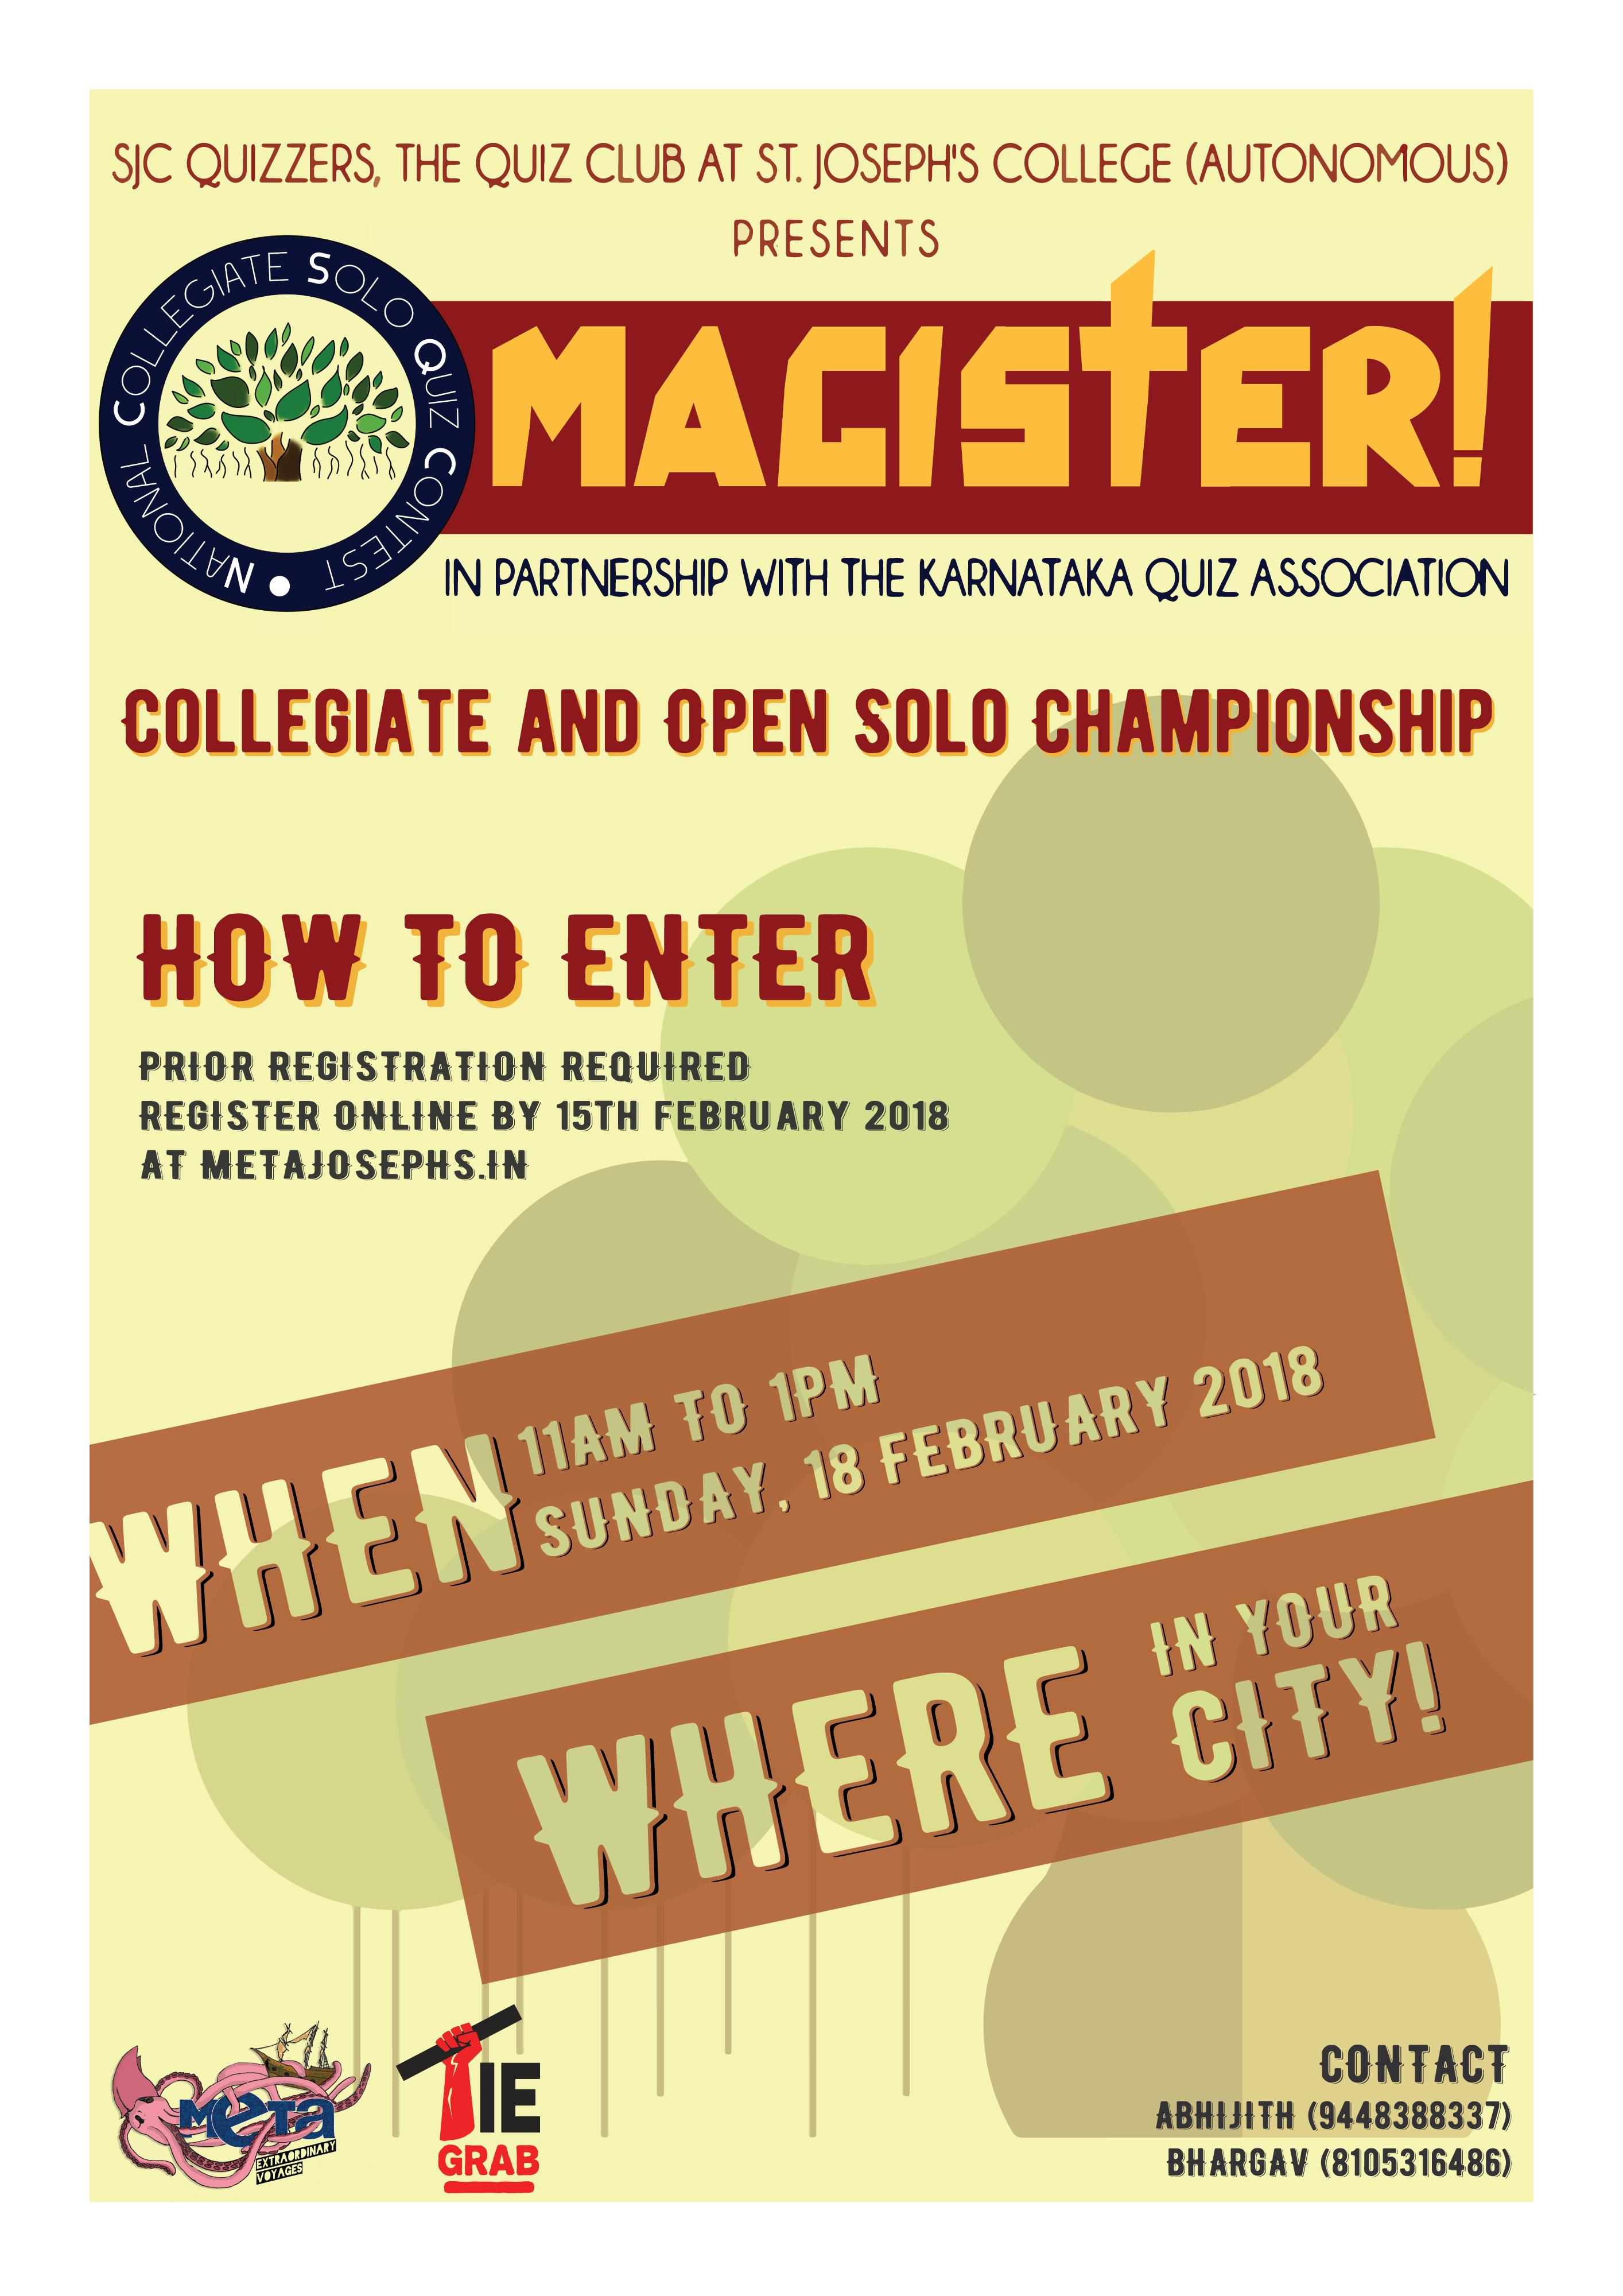 Magister 2018